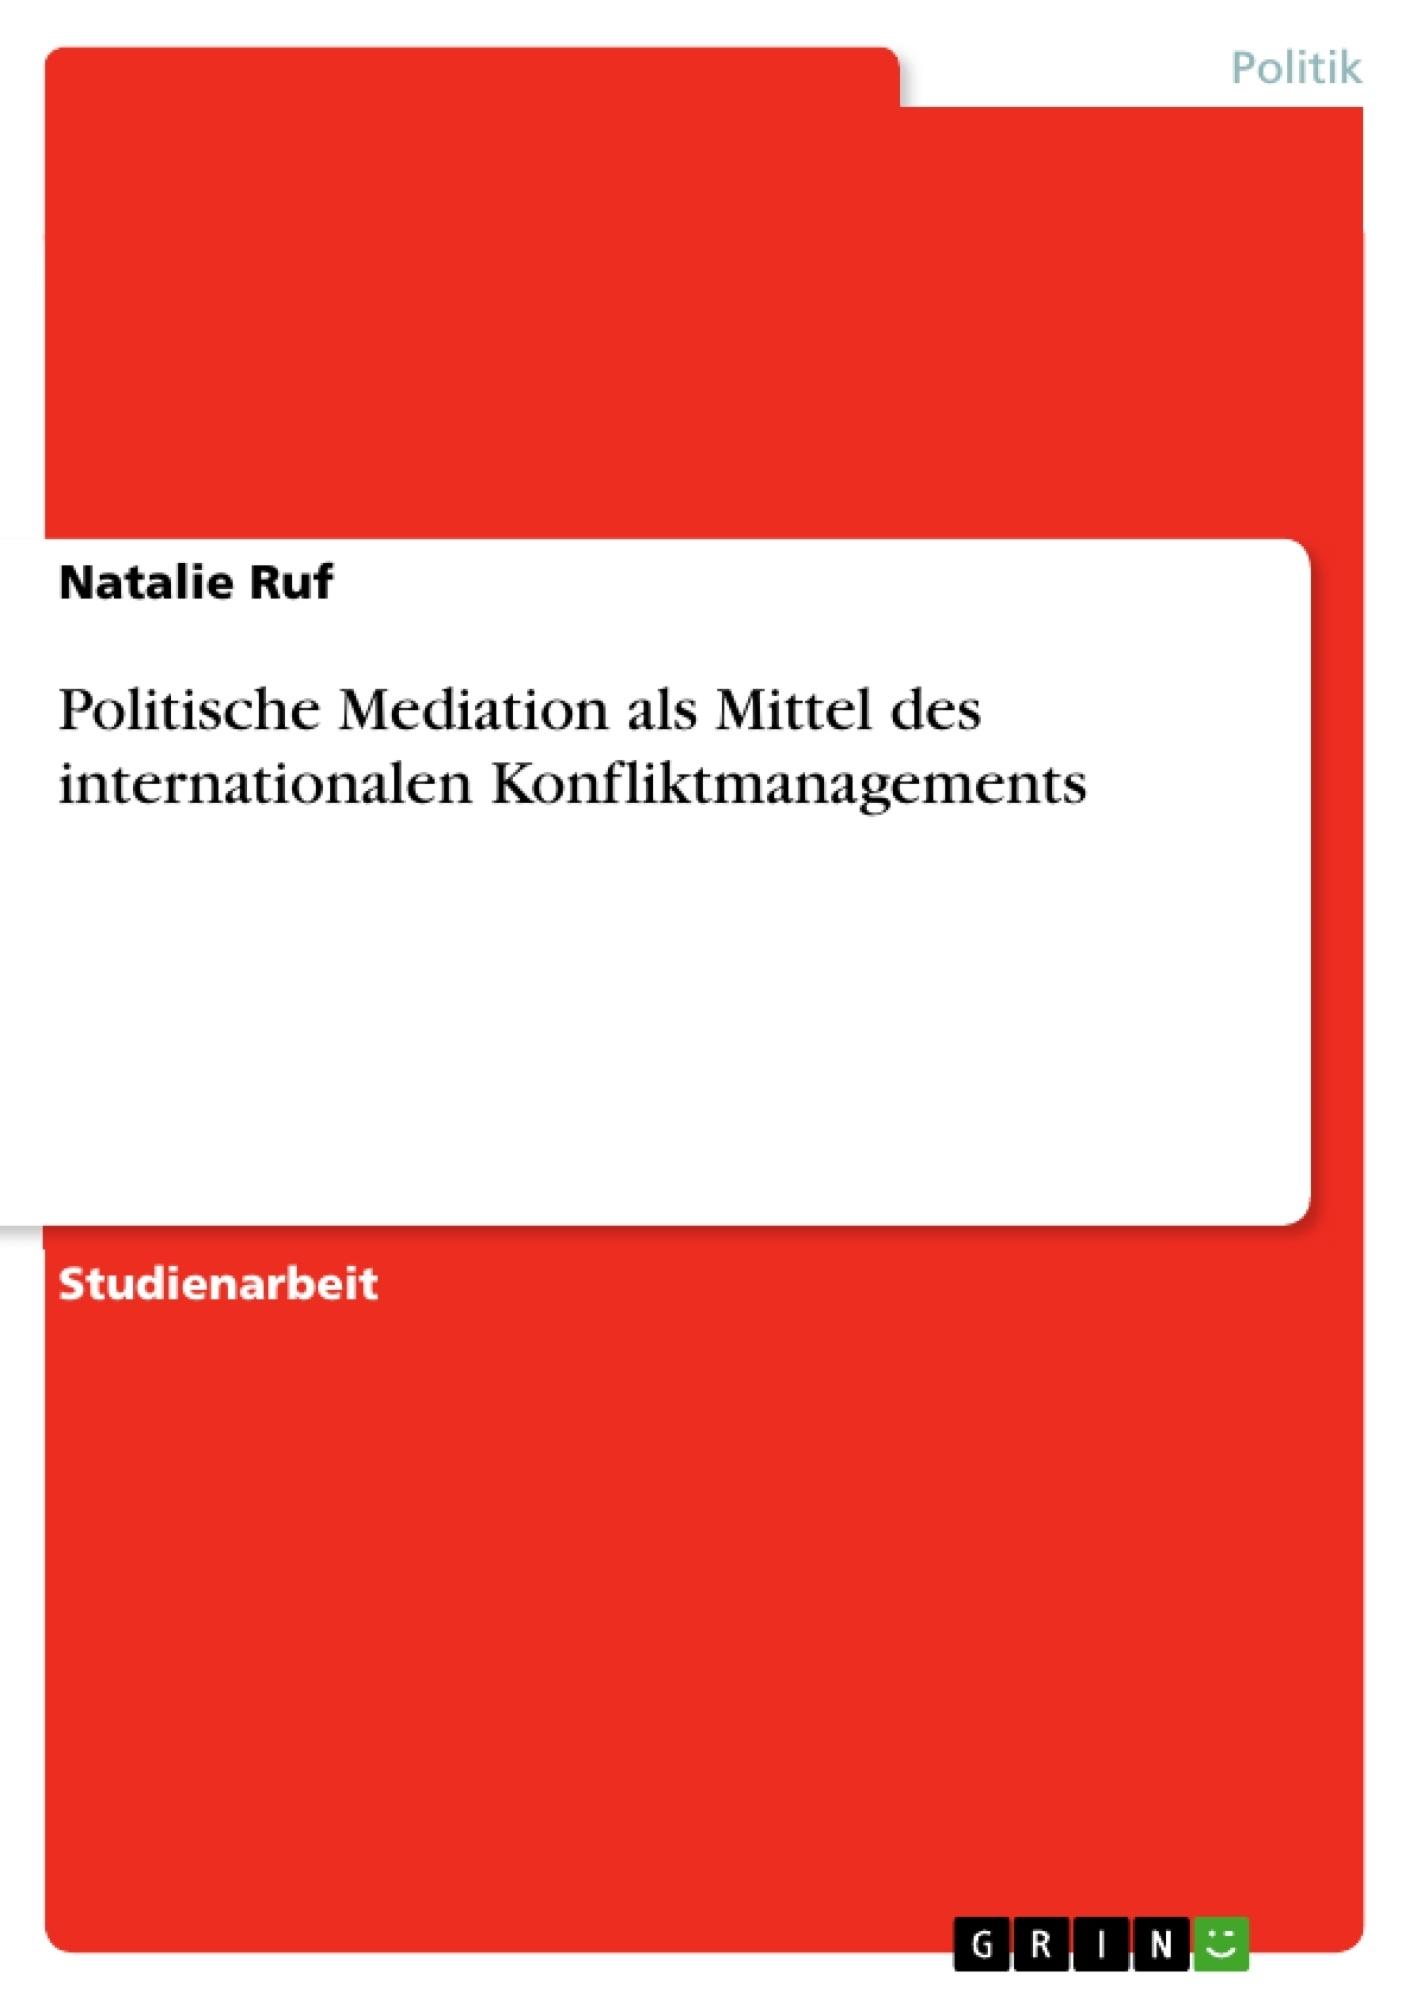 Titel: Politische Mediation als Mittel des internationalen Konfliktmanagements